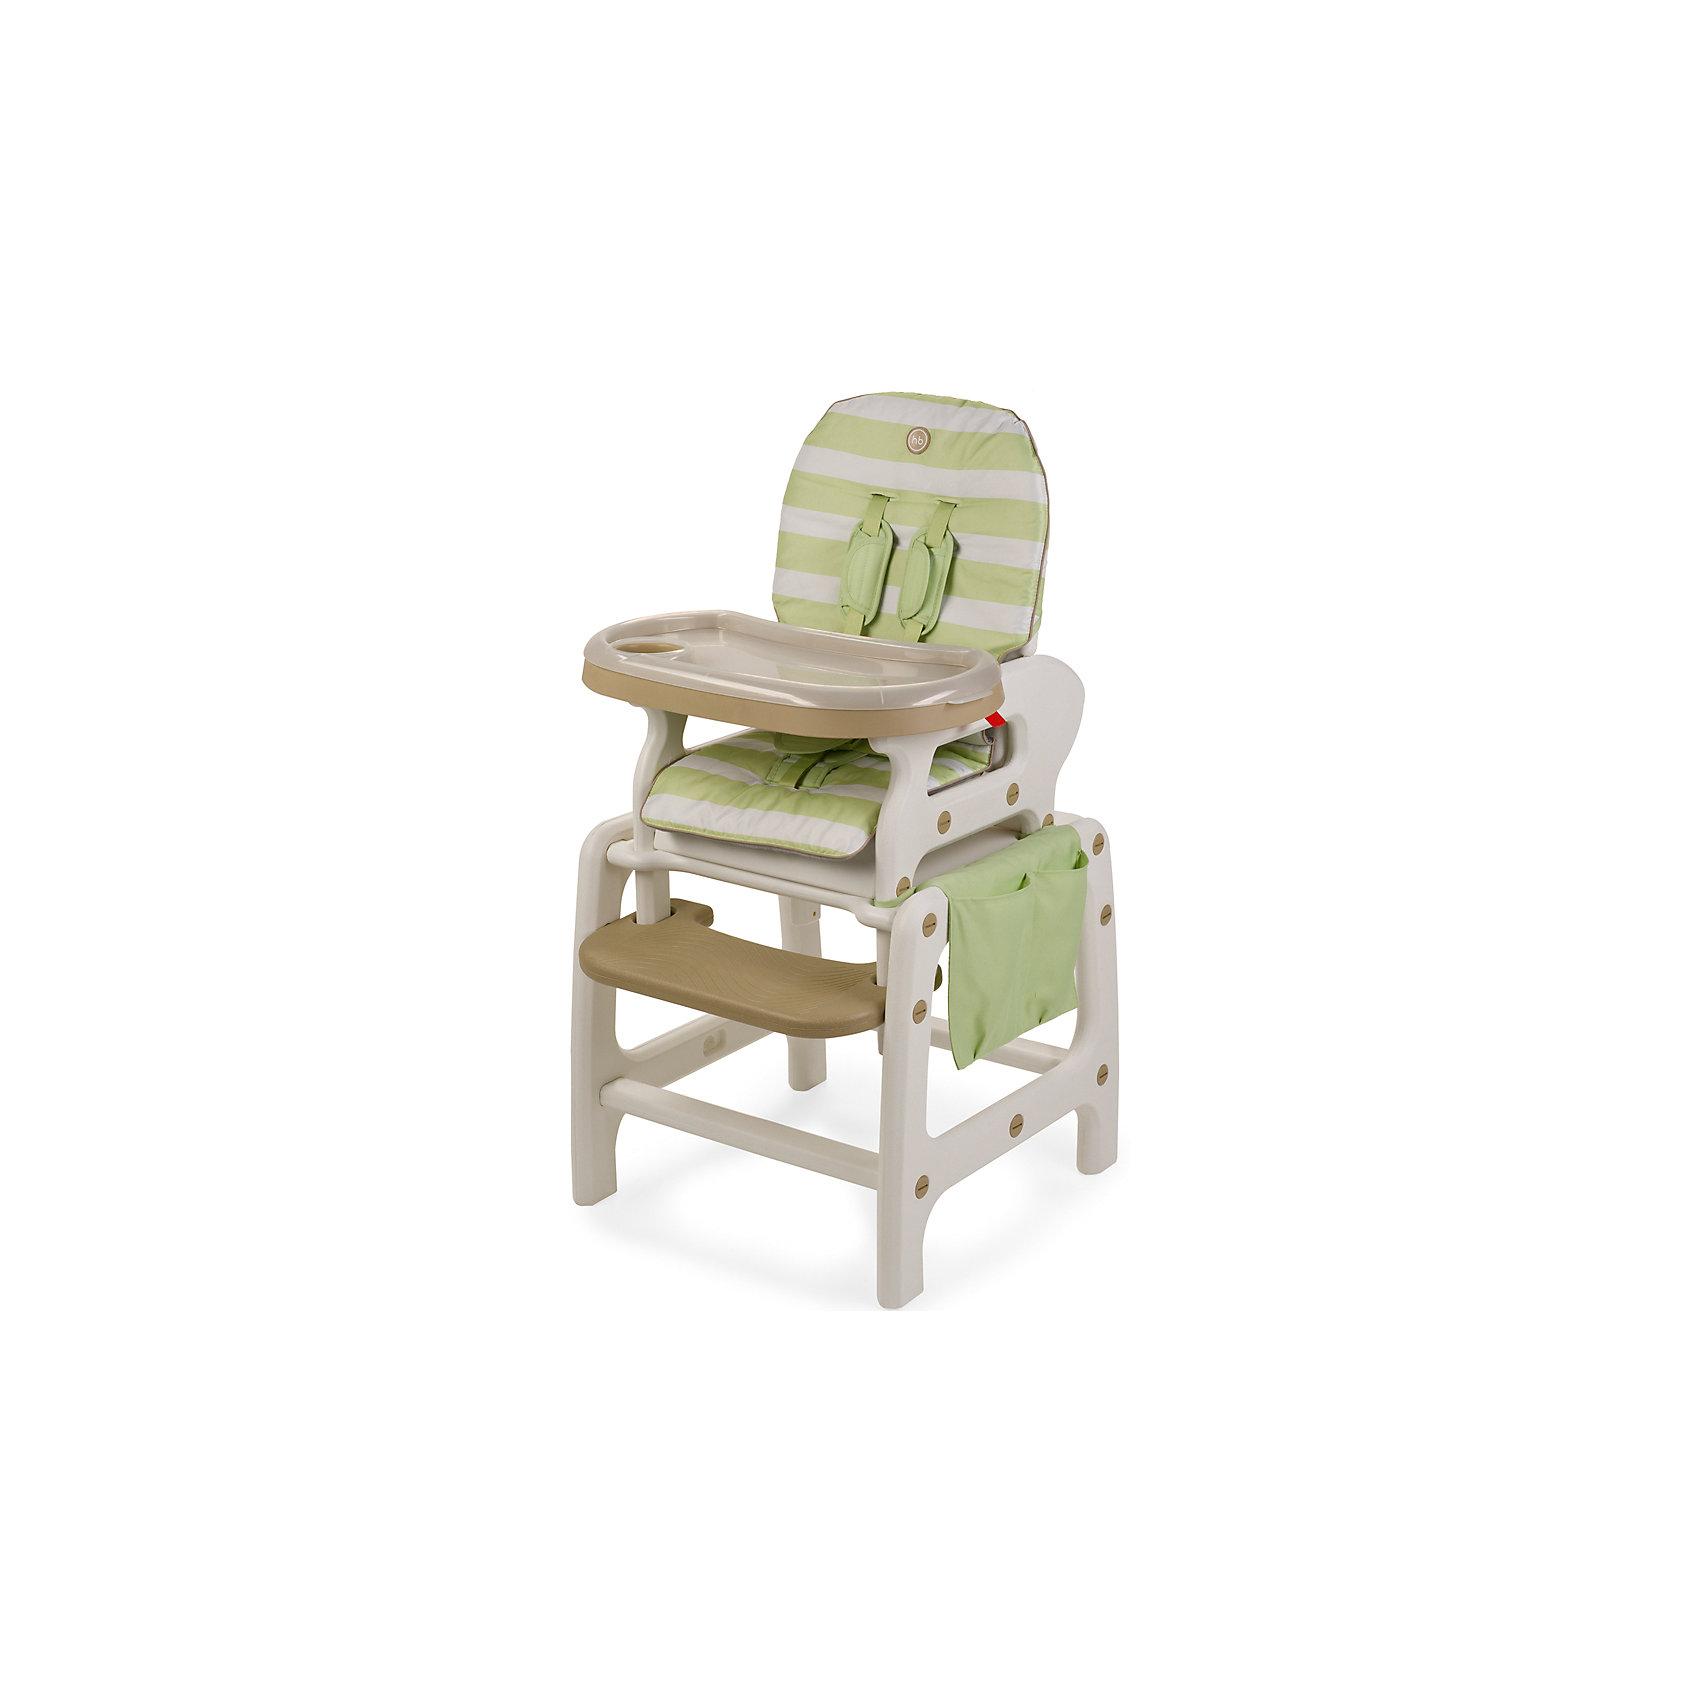 Стульчик-трансформер Oliver V2, Happy Baby, зеленыйтрансформеры<br>Стульчик-трансформер Oliver V2, Happy Baby, обеспечит комфорт и безопасность Вашего малыша во время кормления. Оригинальная конструкция позволяет использовать стульчик в 3-х положениях, в зависимости от возраста и потребностей малыша: 1. высокий стульчик для кормления малыша, 2. в качестве кресла-качалки и 3. как парту, за которой малыш будет учиться, рисовать и играть. У стульчика удобные сиденье и спинка, пятиточечные ремни безопасности надёжно удерживают ребёнка и регулируются по росту. Спинка с 3 положениями наклона, в том числе полулежа, и подставка для ножек создают малышу дополнительный комфорт. Удобная столешница со съемным подносом легко снимается и регулируется по глубине в 6 положениях. Сбоку стульчика имеется вместительный тканевый карман для детских принадлежностей и мелочей. В комплект входят дуги для качания, которые легко присоединяются к ножкам стульчика, превращая его в комфортное кресло-качалку.<br>Для малышей постарше, которые уже могут есть самостоятельно, поднос можно снять и превратить конструкцию в обычный стул, чтобы ребенок мог есть за общим столом. Когда ребенок подрастет, высокий стульчик легко трансформируется в компактный маленький стульчик и столик, за которым малыш сможет есть как взрослый, рисовать или играть в настольные игры. Стульчик и столик не имеют острых углов, устойчивы к ударам и падениям и полностью безопасны для малыша. Съемное тканевое покрытие из водонепроницаемого материала легко снимать и чистить. Подходит для детей в возрасте от 6 месяцев, максимальный вес - 18 кг.<br><br>Дополнительная информация:<br><br>- Цвет: зеленый.<br>- Материал: пластик, текстиль.<br>- Ширина сиденья: 35 см.<br>- Размеры спального места: 80 х 36 см.<br>- Размеры стульчика в разложенном виде: 67 х 58 х 103 см.<br>- Размеры в упаковке: 60 х 40 х 53 см.<br>- Вес: 8,2 кг.<br><br>Стульчик-трансформер Oliver V2, Happy Baby, зеленый, можно купить в нашем интернет-магазине.<br><br>Шири